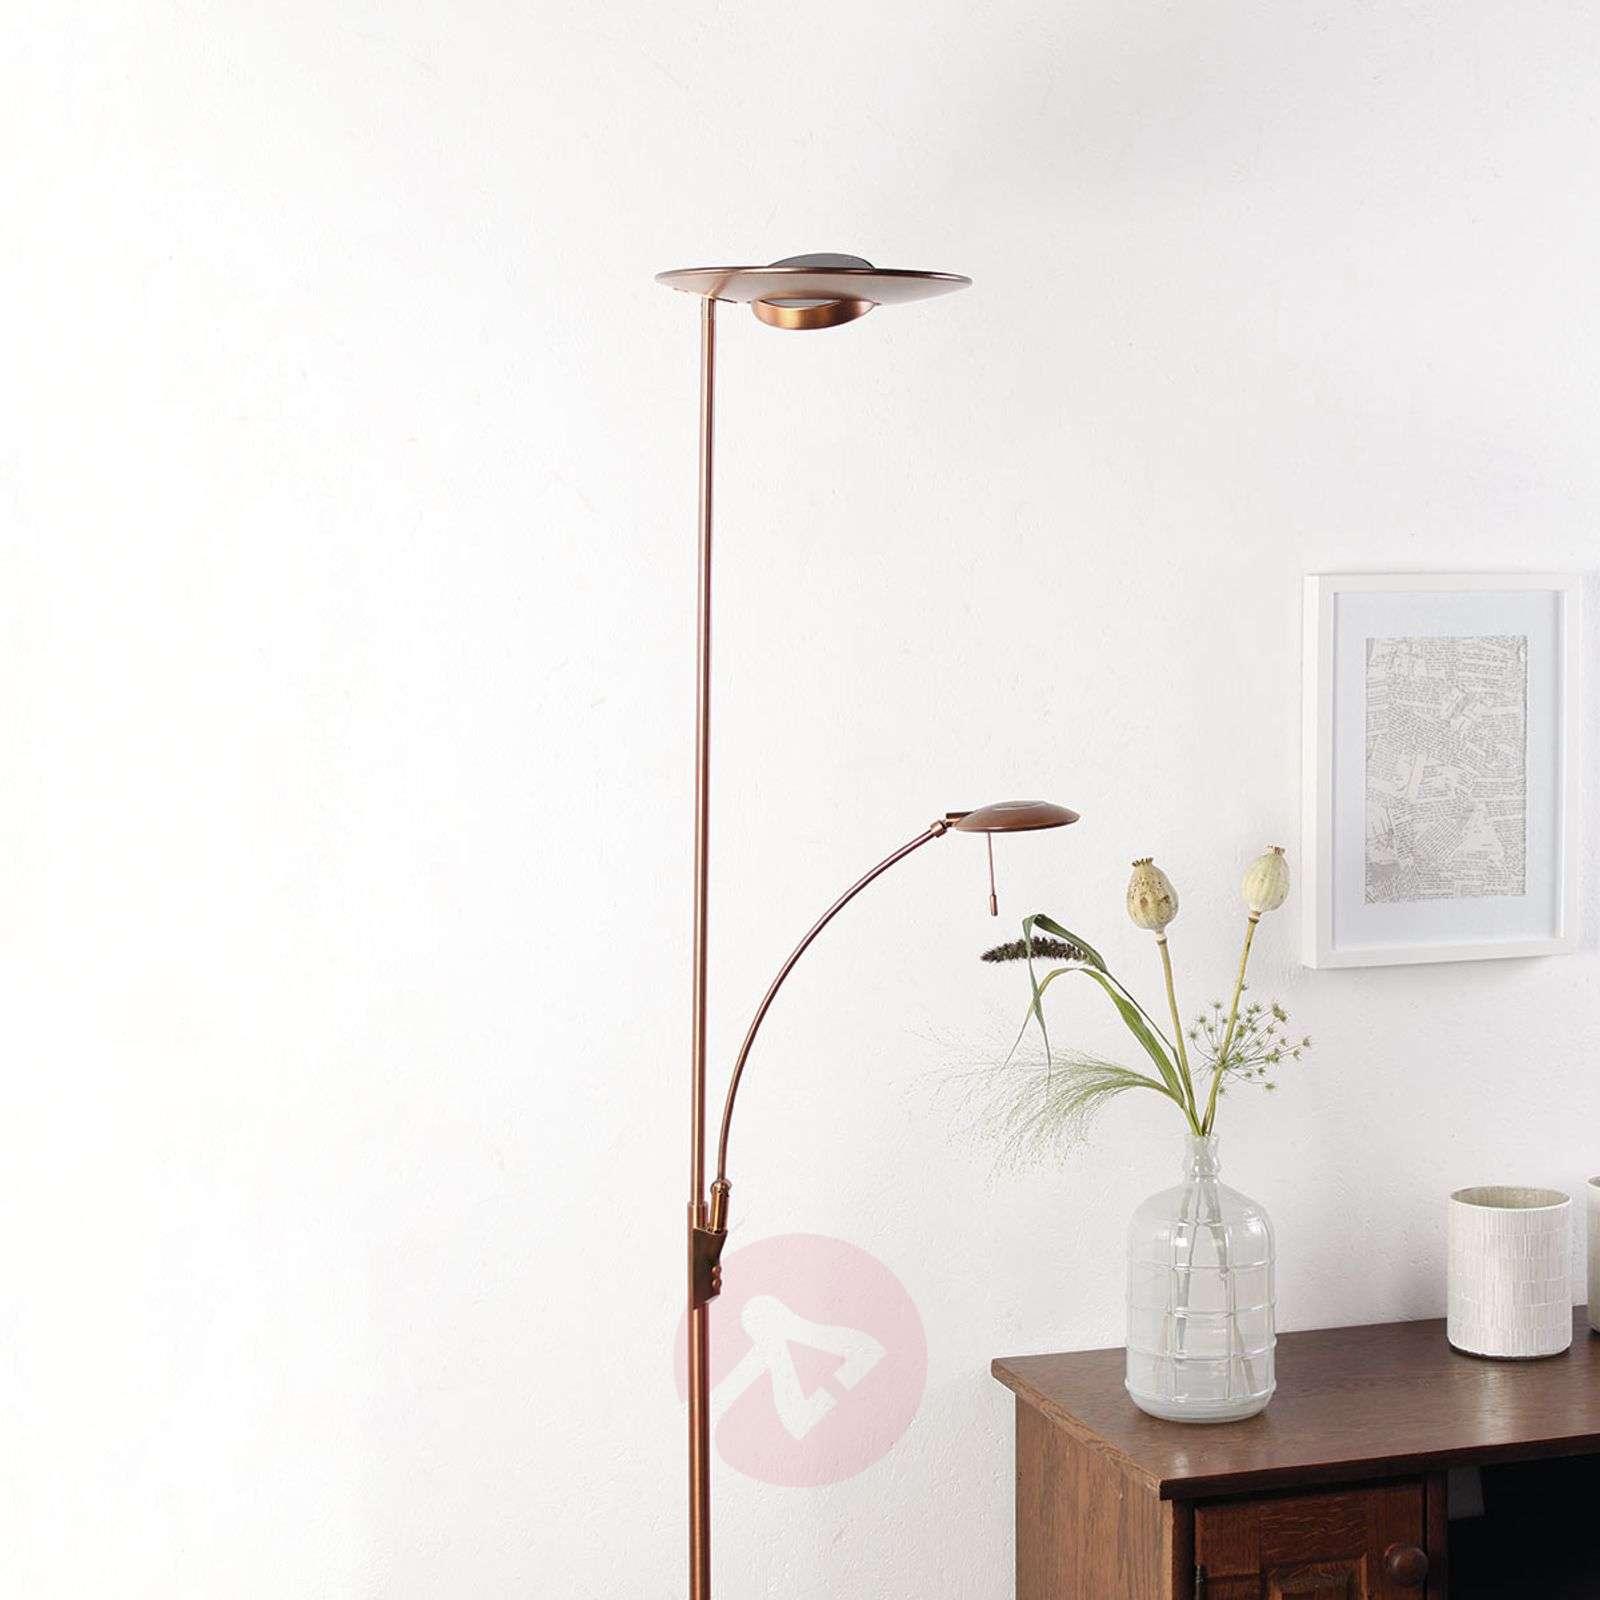 Pronssinvärinen LED-lattiavalaisin Zenith, himm.-8509714-01